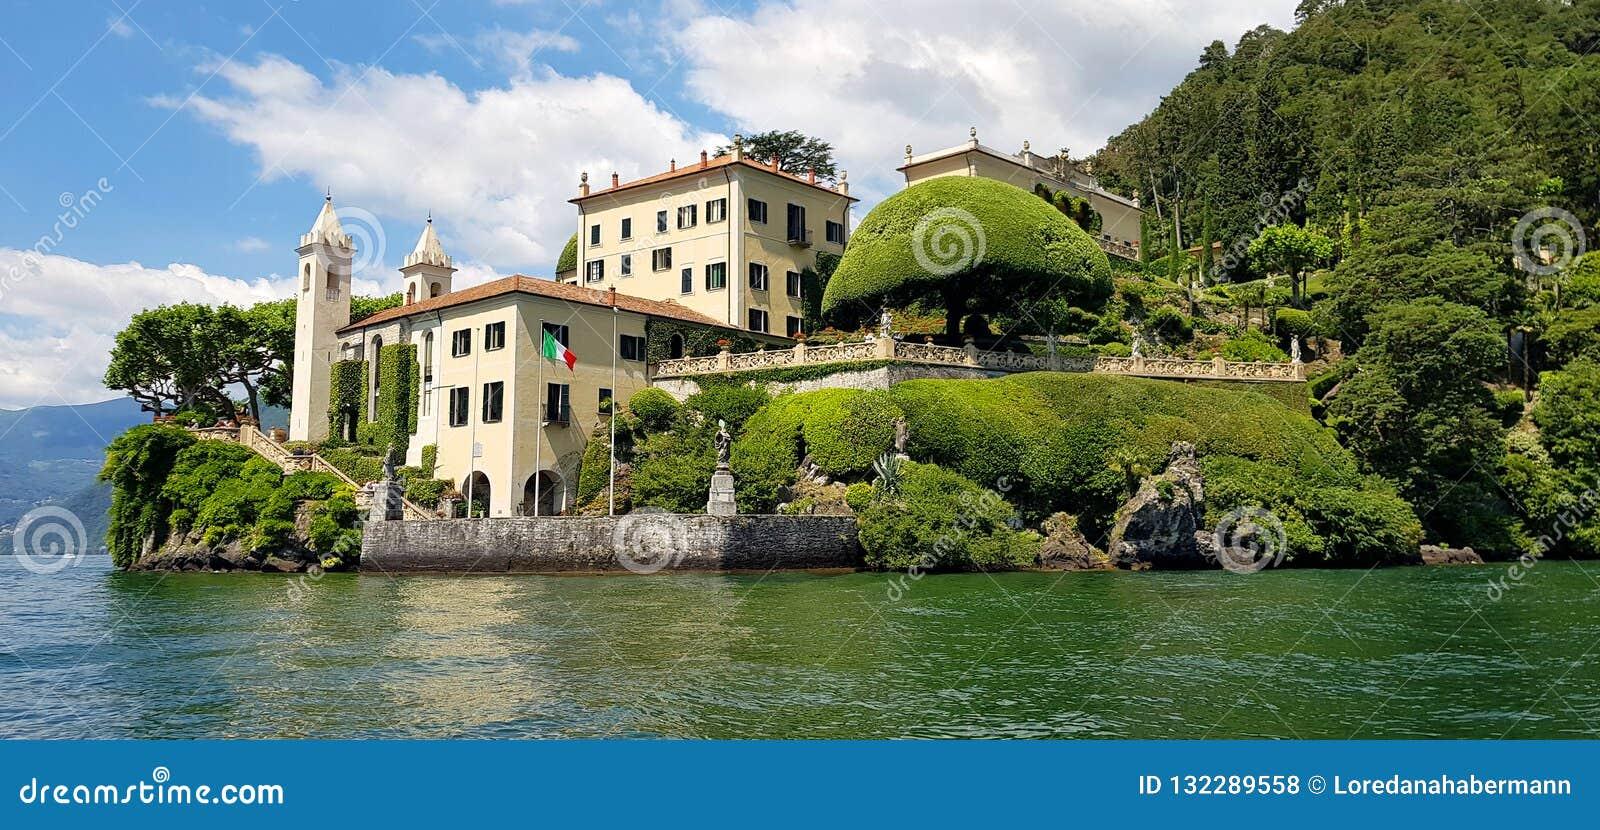 Romantyczna Willa Del Balbianello, Lago Di Como, Lombardia, Włochy